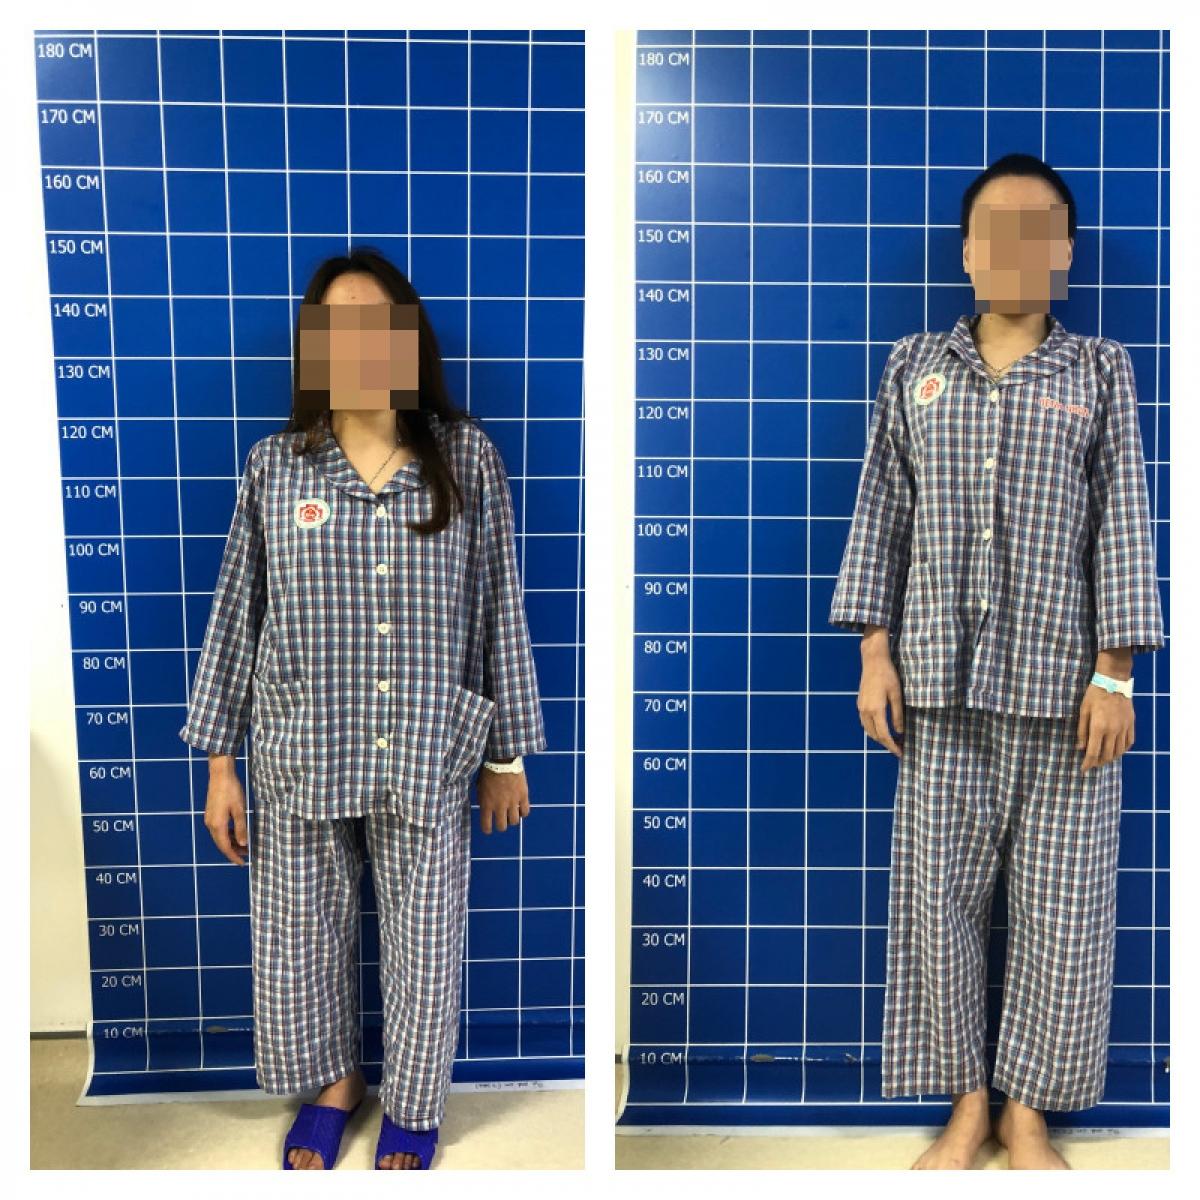 Bệnh nhân H. trước và sau phẫu thuật. (Ảnh: BVCC)